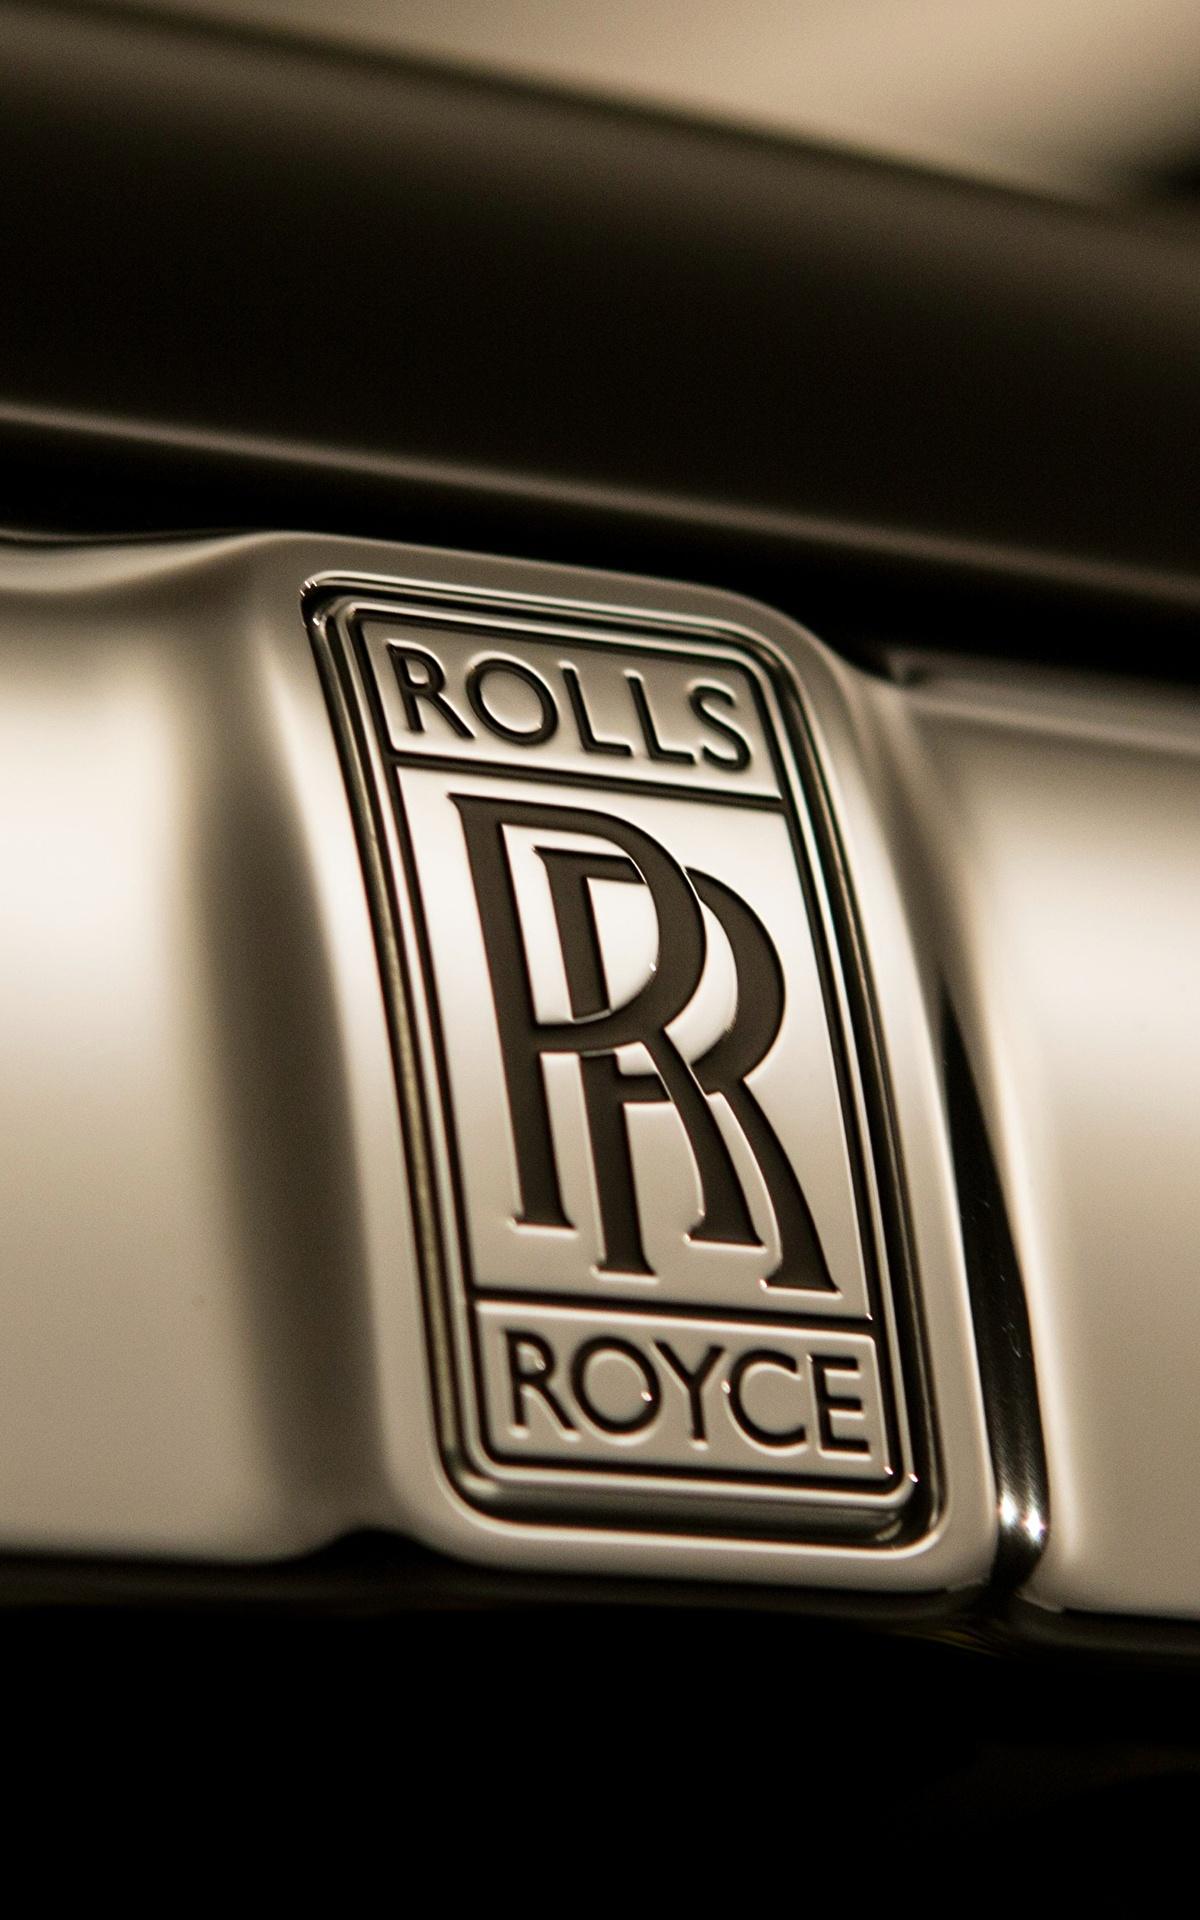 rolls royce logo - HD1200×1920